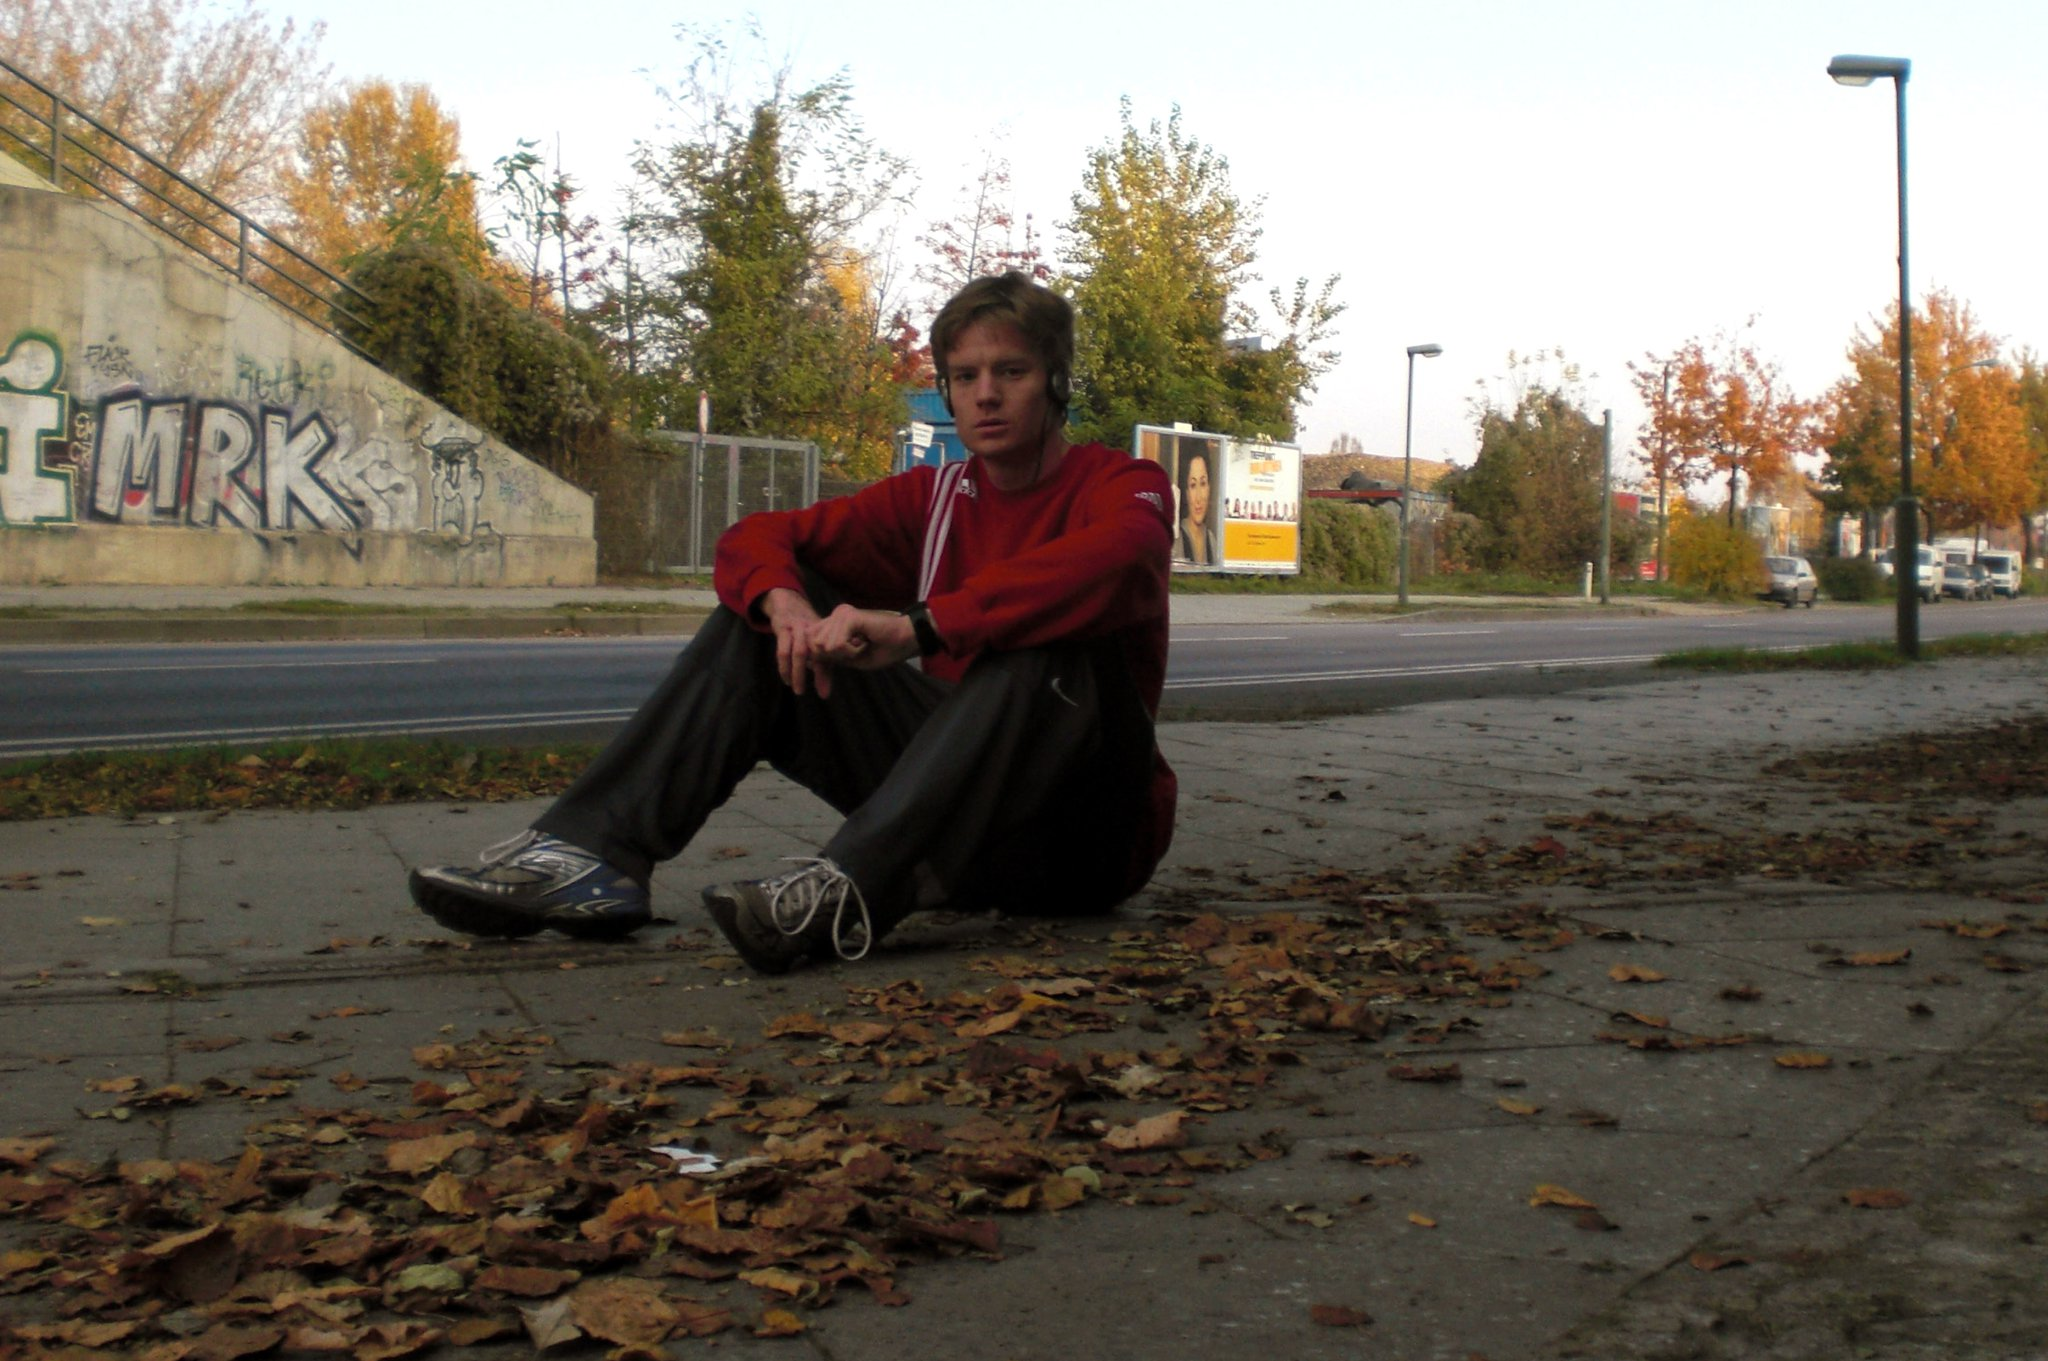 Wo ich auf diesem Bild von 2010 sitze, stand mal die Berliner Mauer.  Sie wurde (von der DDR) errichtet, um Menschen davon abzuhalten, in die Bundesrepublik Deutschland zu flüchten.